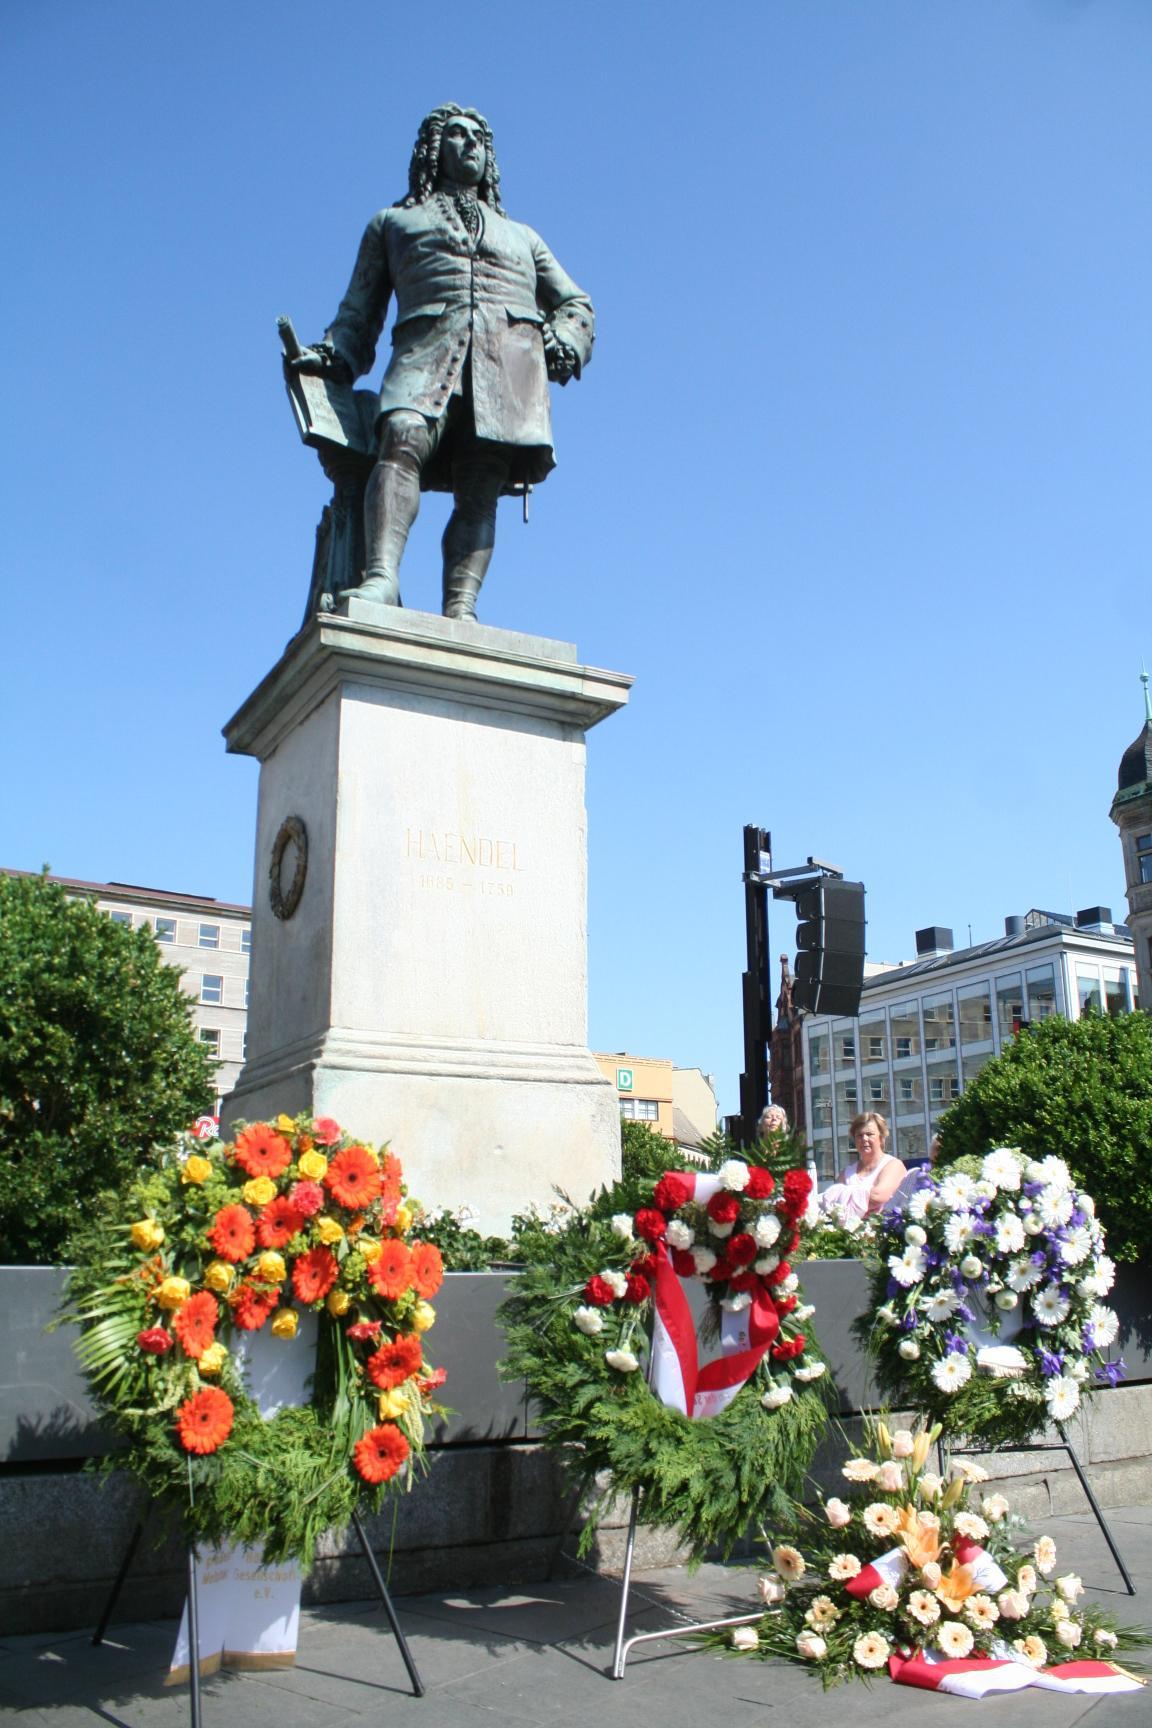 Happy Birthday Händel Halle feiert Händels Geburtstag